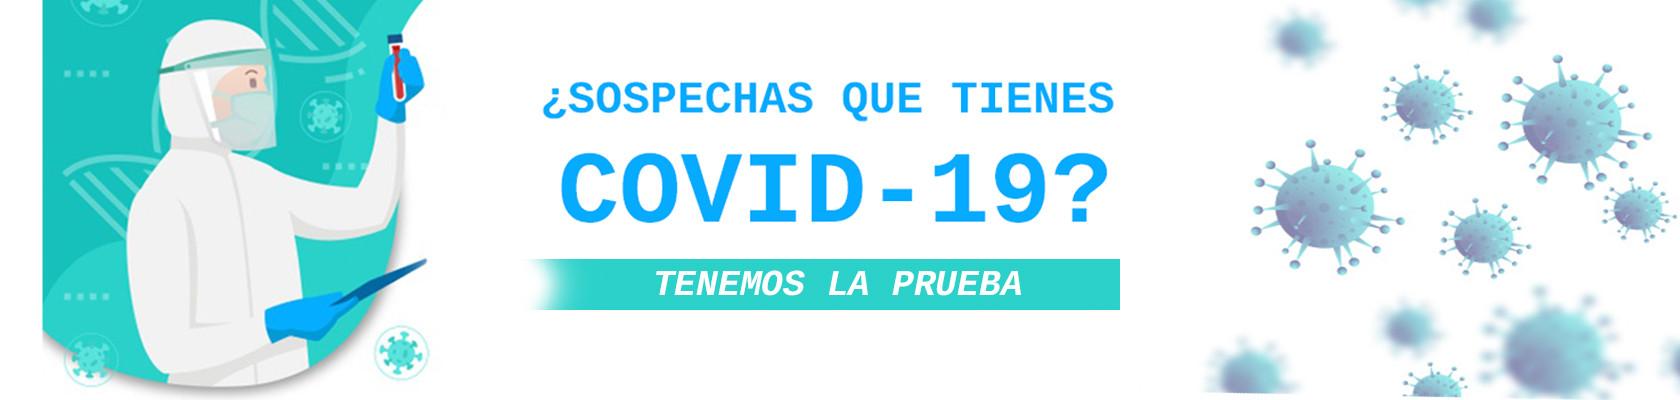 covid_care_24_banner_desktop-1024x1024